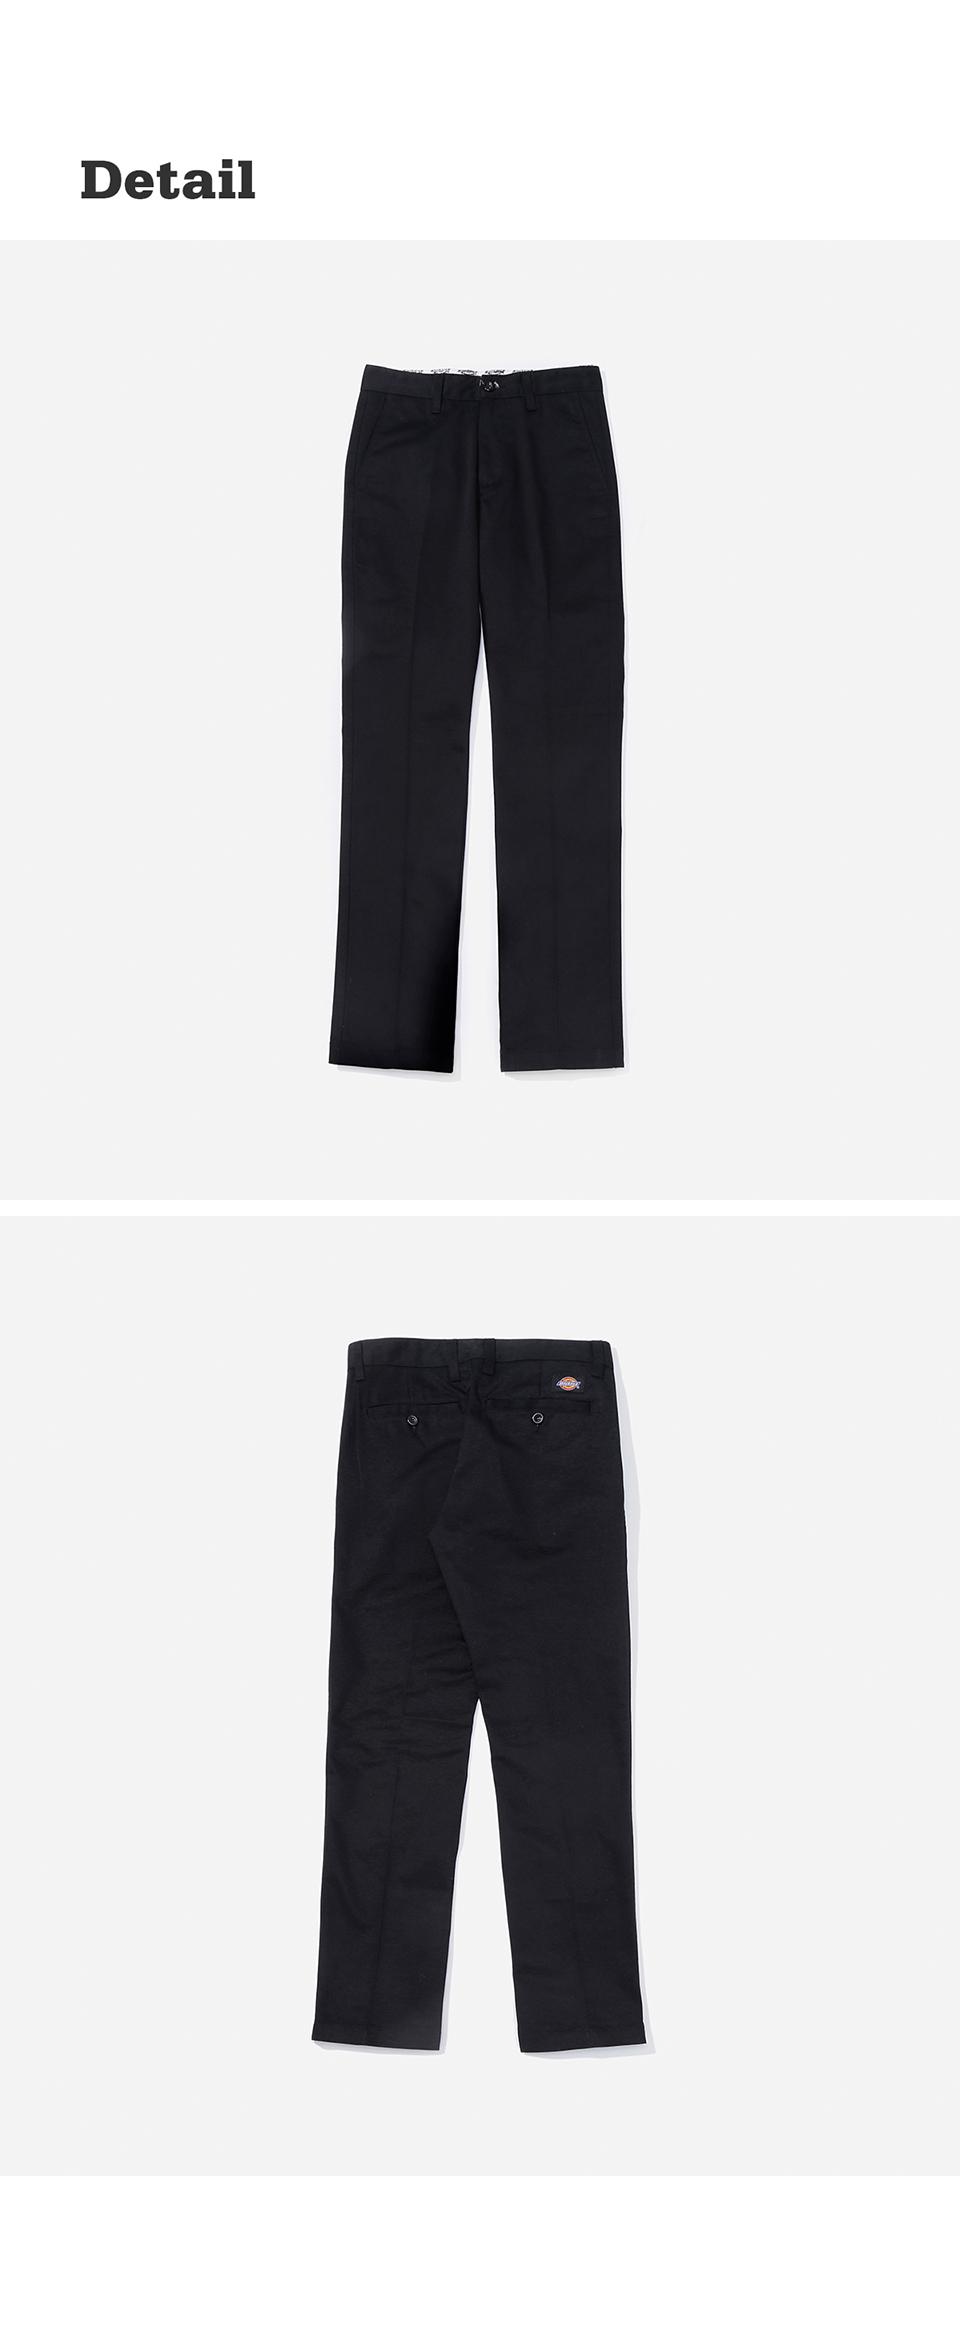 디키즈(DICKIES) 컬러 초이스 슬림 코튼 팬츠 BLACK [YDSH5UPCP876-FBK]